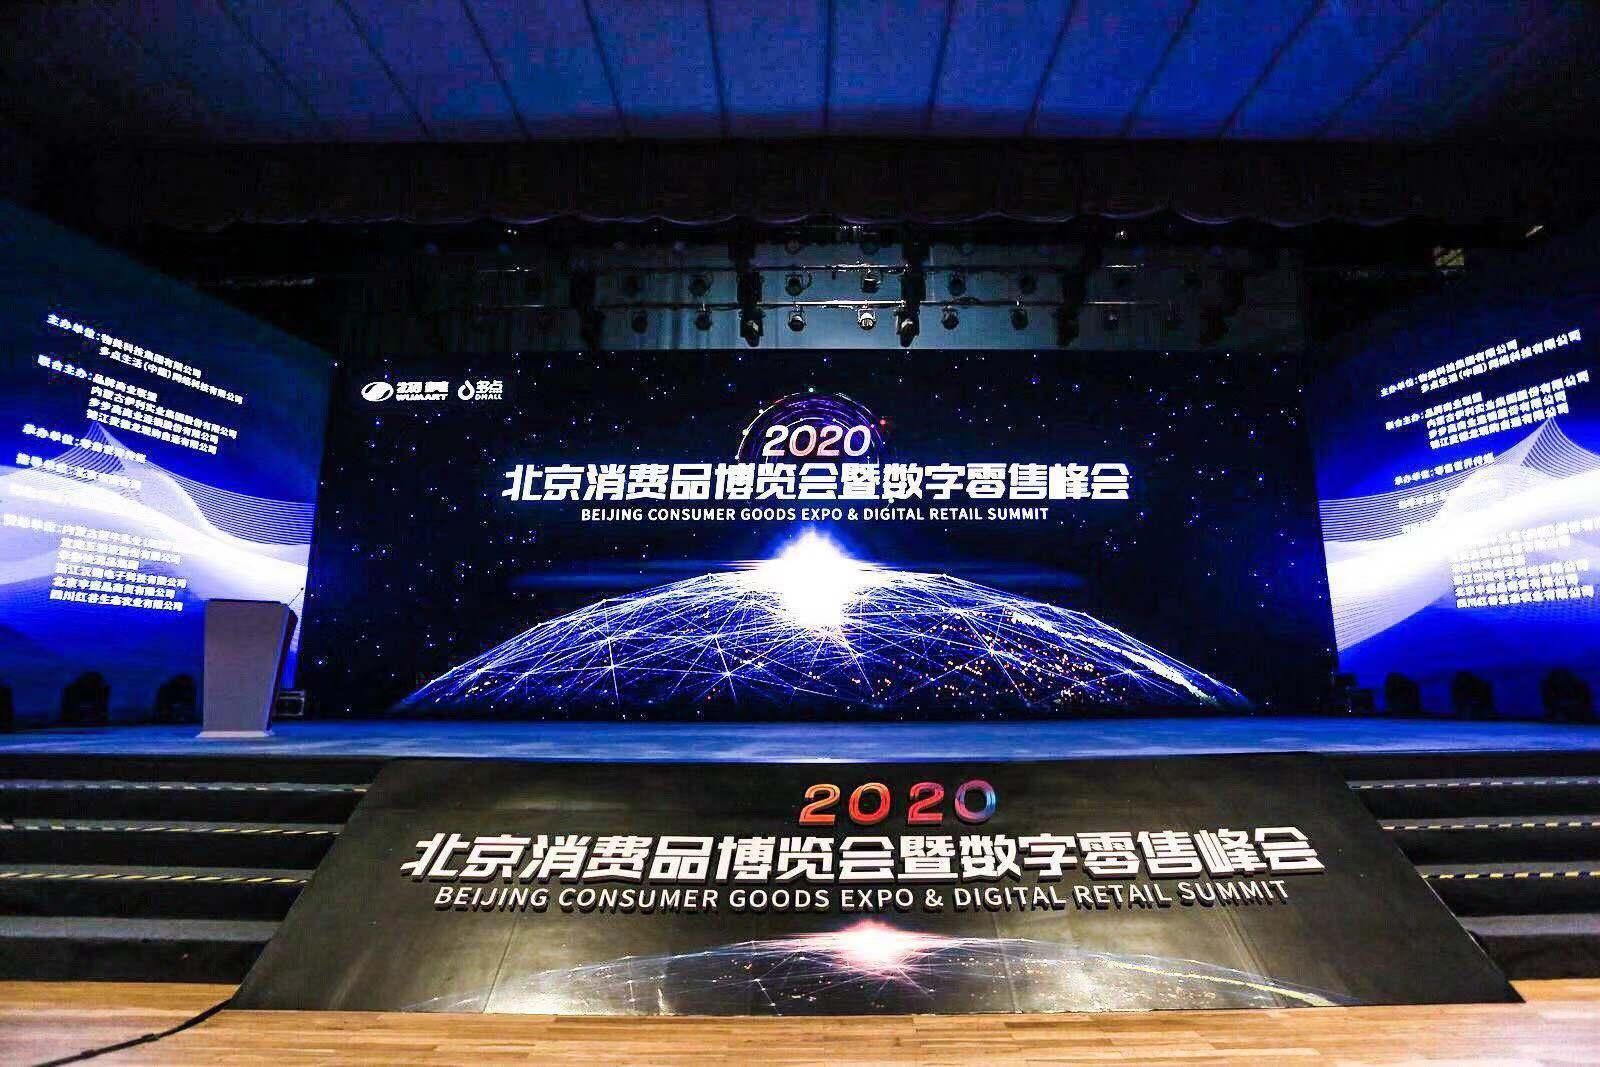 2020北京消费品博览会暨数字零售